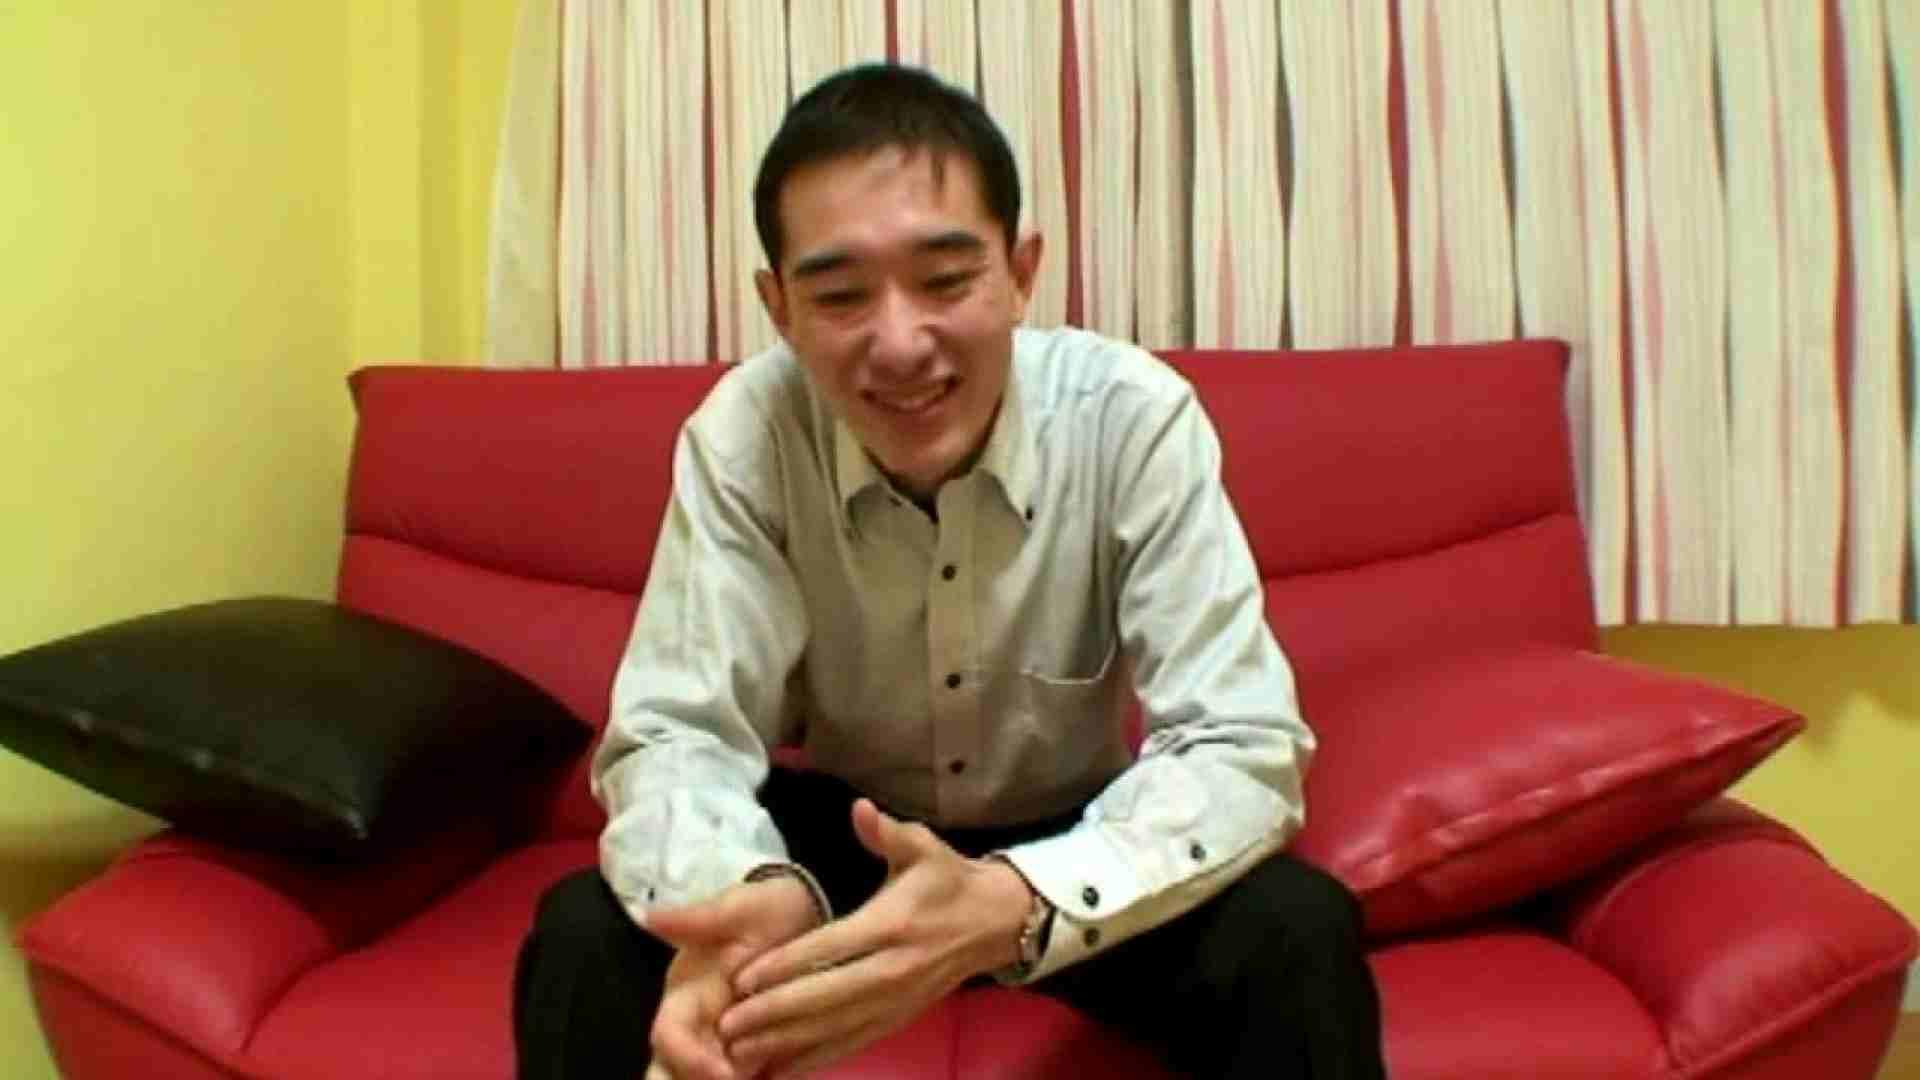 ノンケ!自慰スタジオ No.29 オナニー専門男子 男同士画像 101画像 2